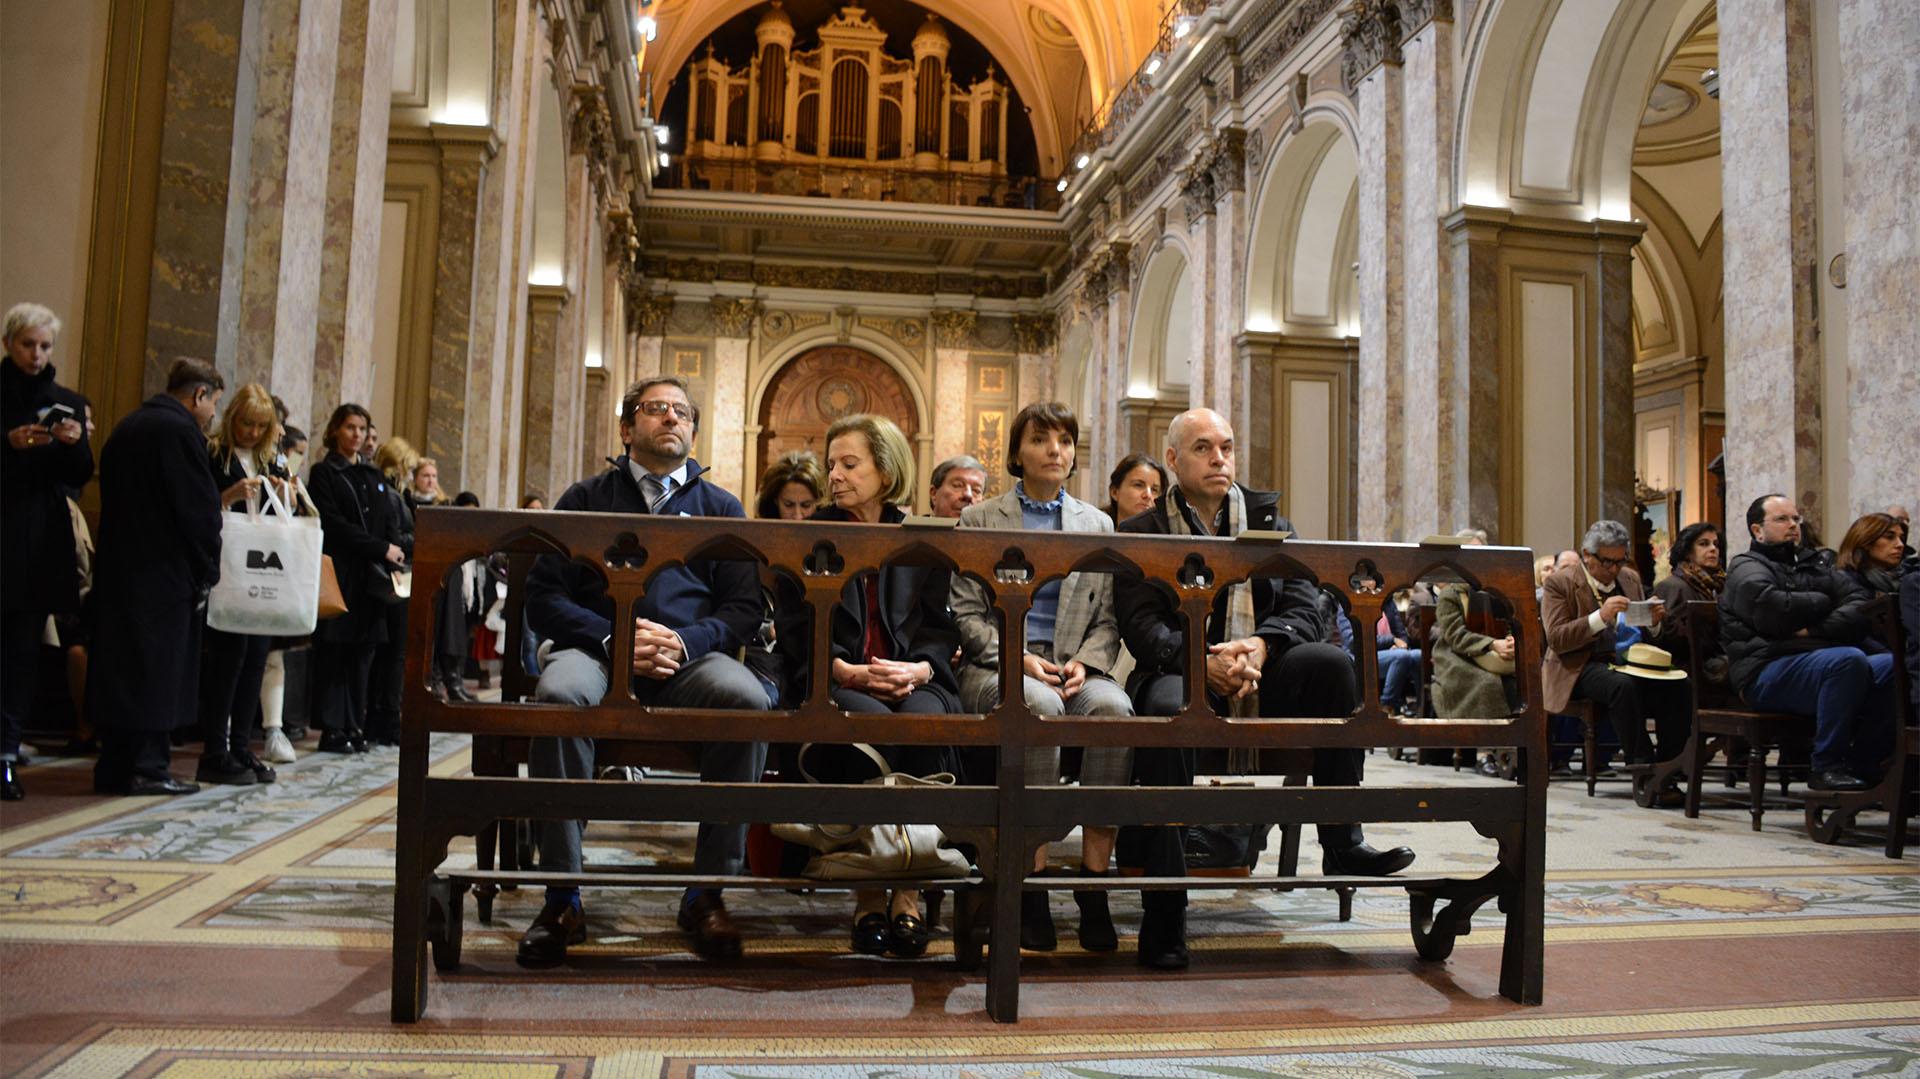 El jefe de Gobierno participó junto a su esposa, Bárbara Diez, del tedeum en la Catedral Metropolitana